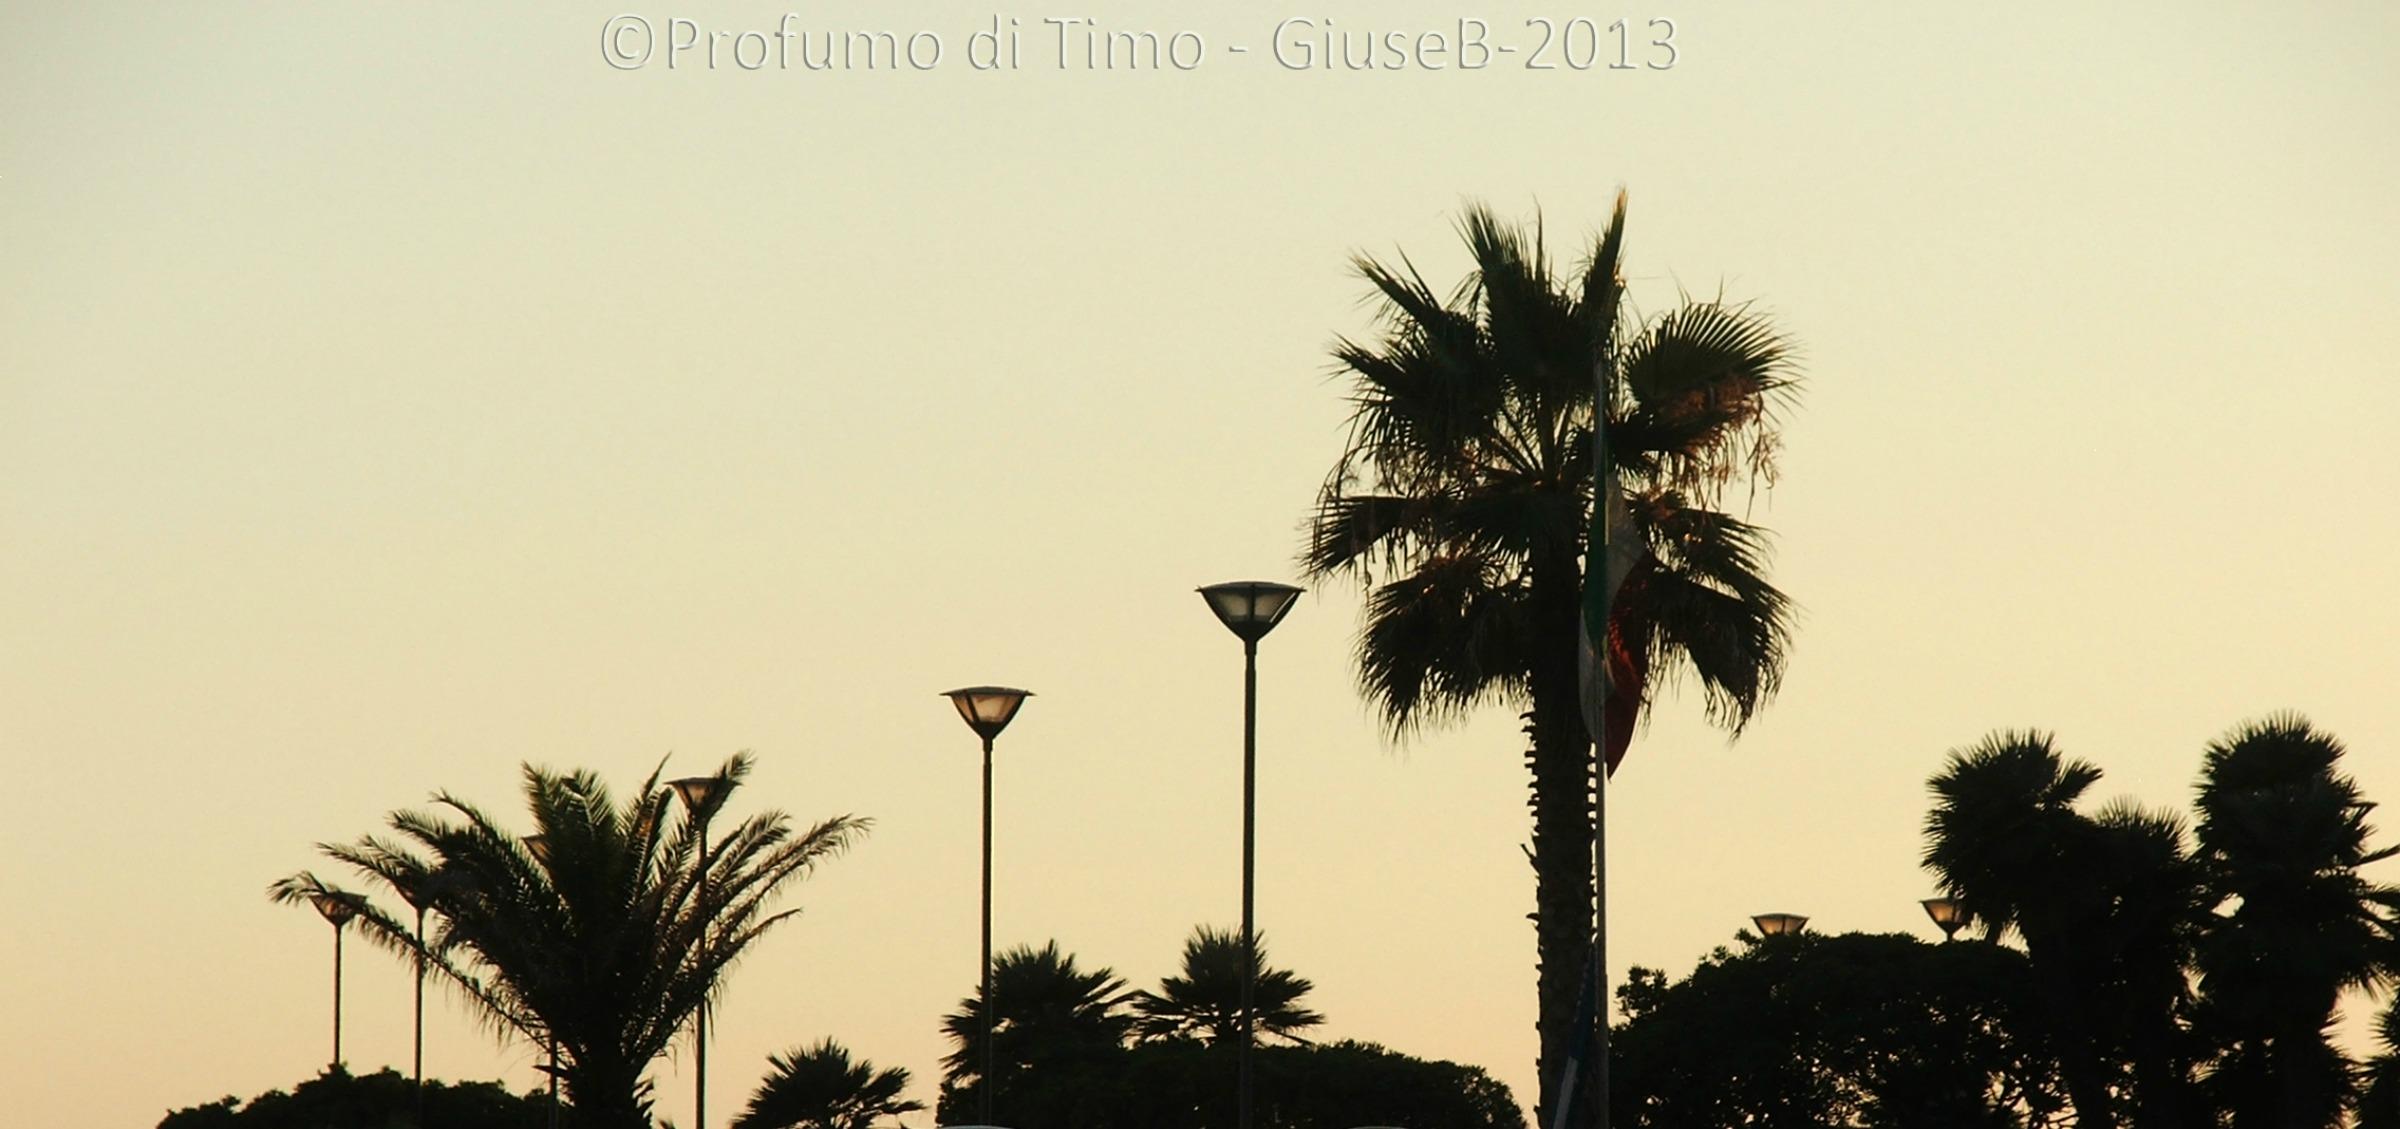 Tramonto a Viareggio 2013